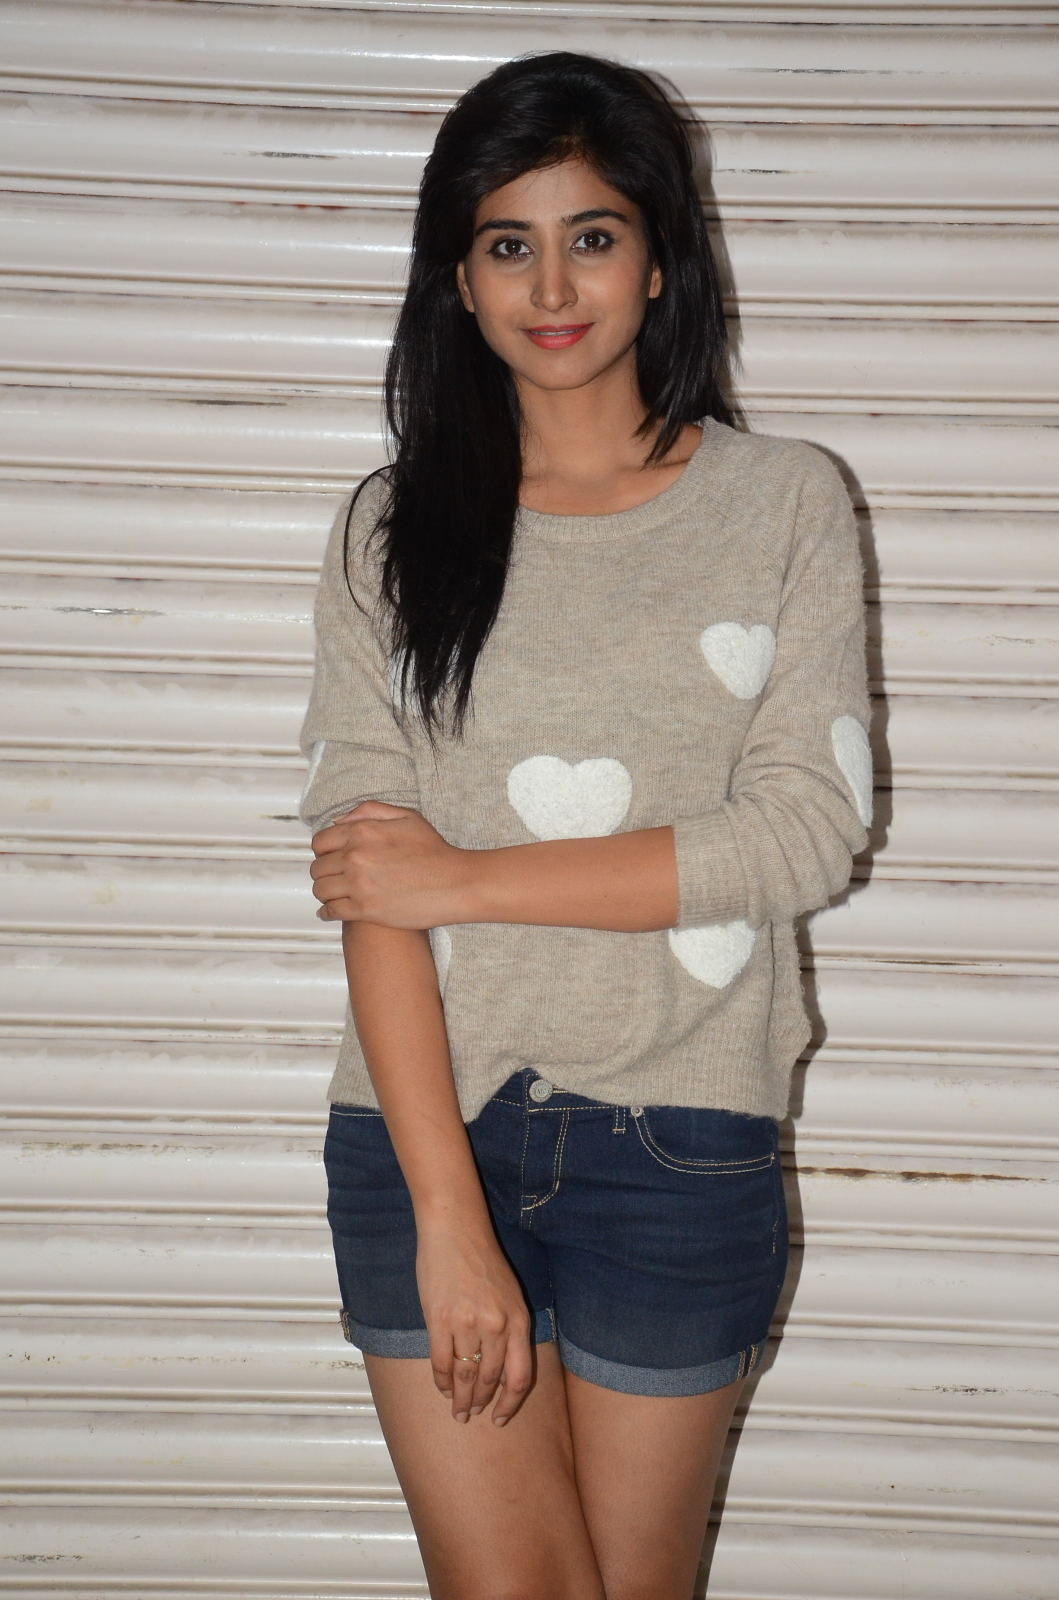 Shamili new cute photos gallery-HQ-Photo-13